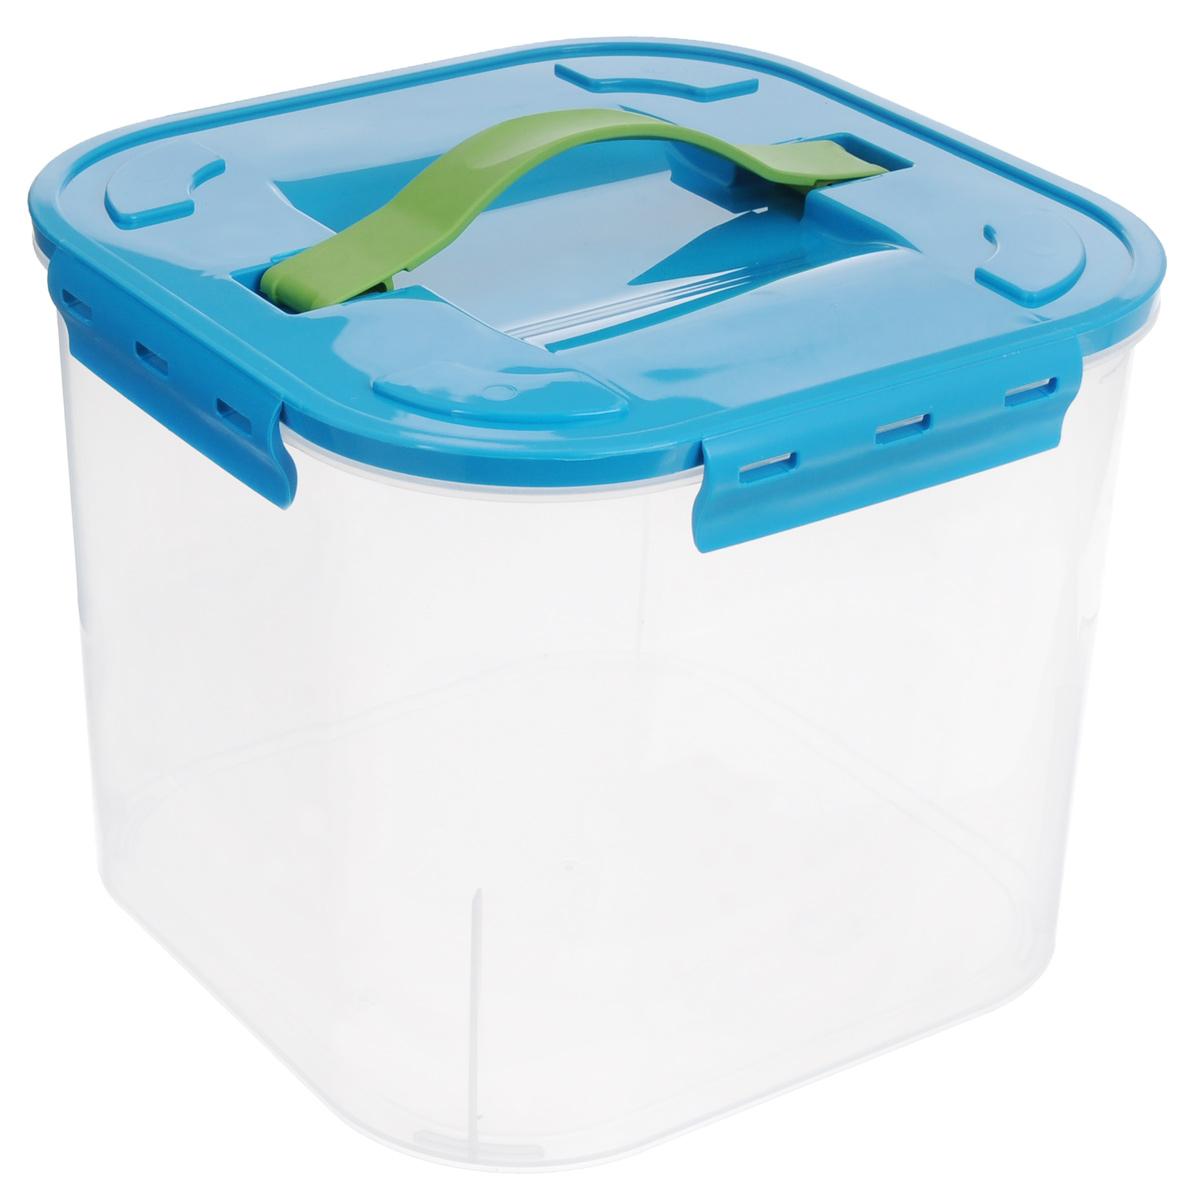 Контейнер для хранения Idea, цвет: бирюзовый, прозрачный, 7 л контейнер для мусора idea цвет бирюзовый салатовый 1 6 л